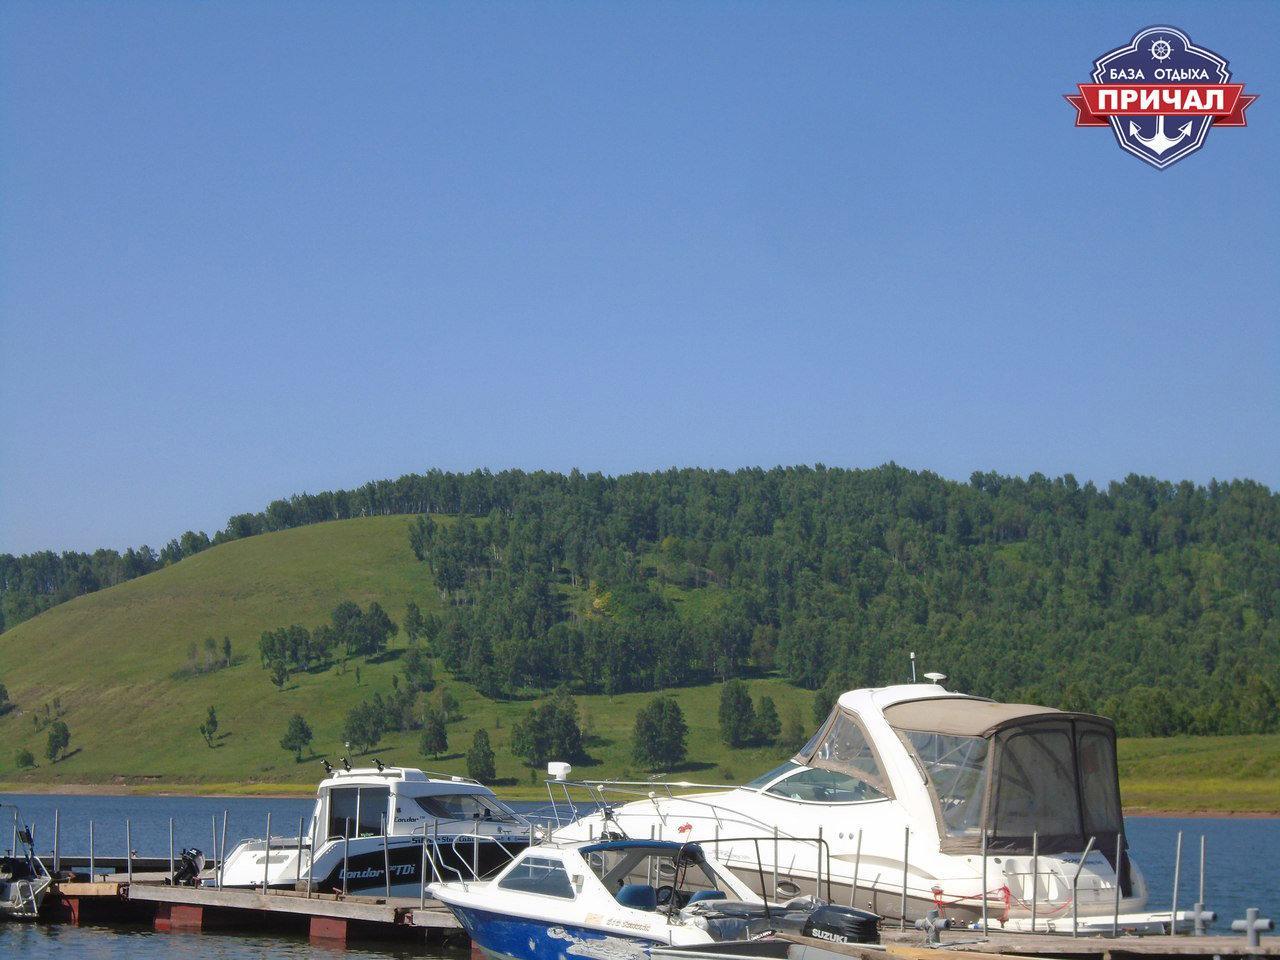 фотография Базы отдыха Причал в Приморске